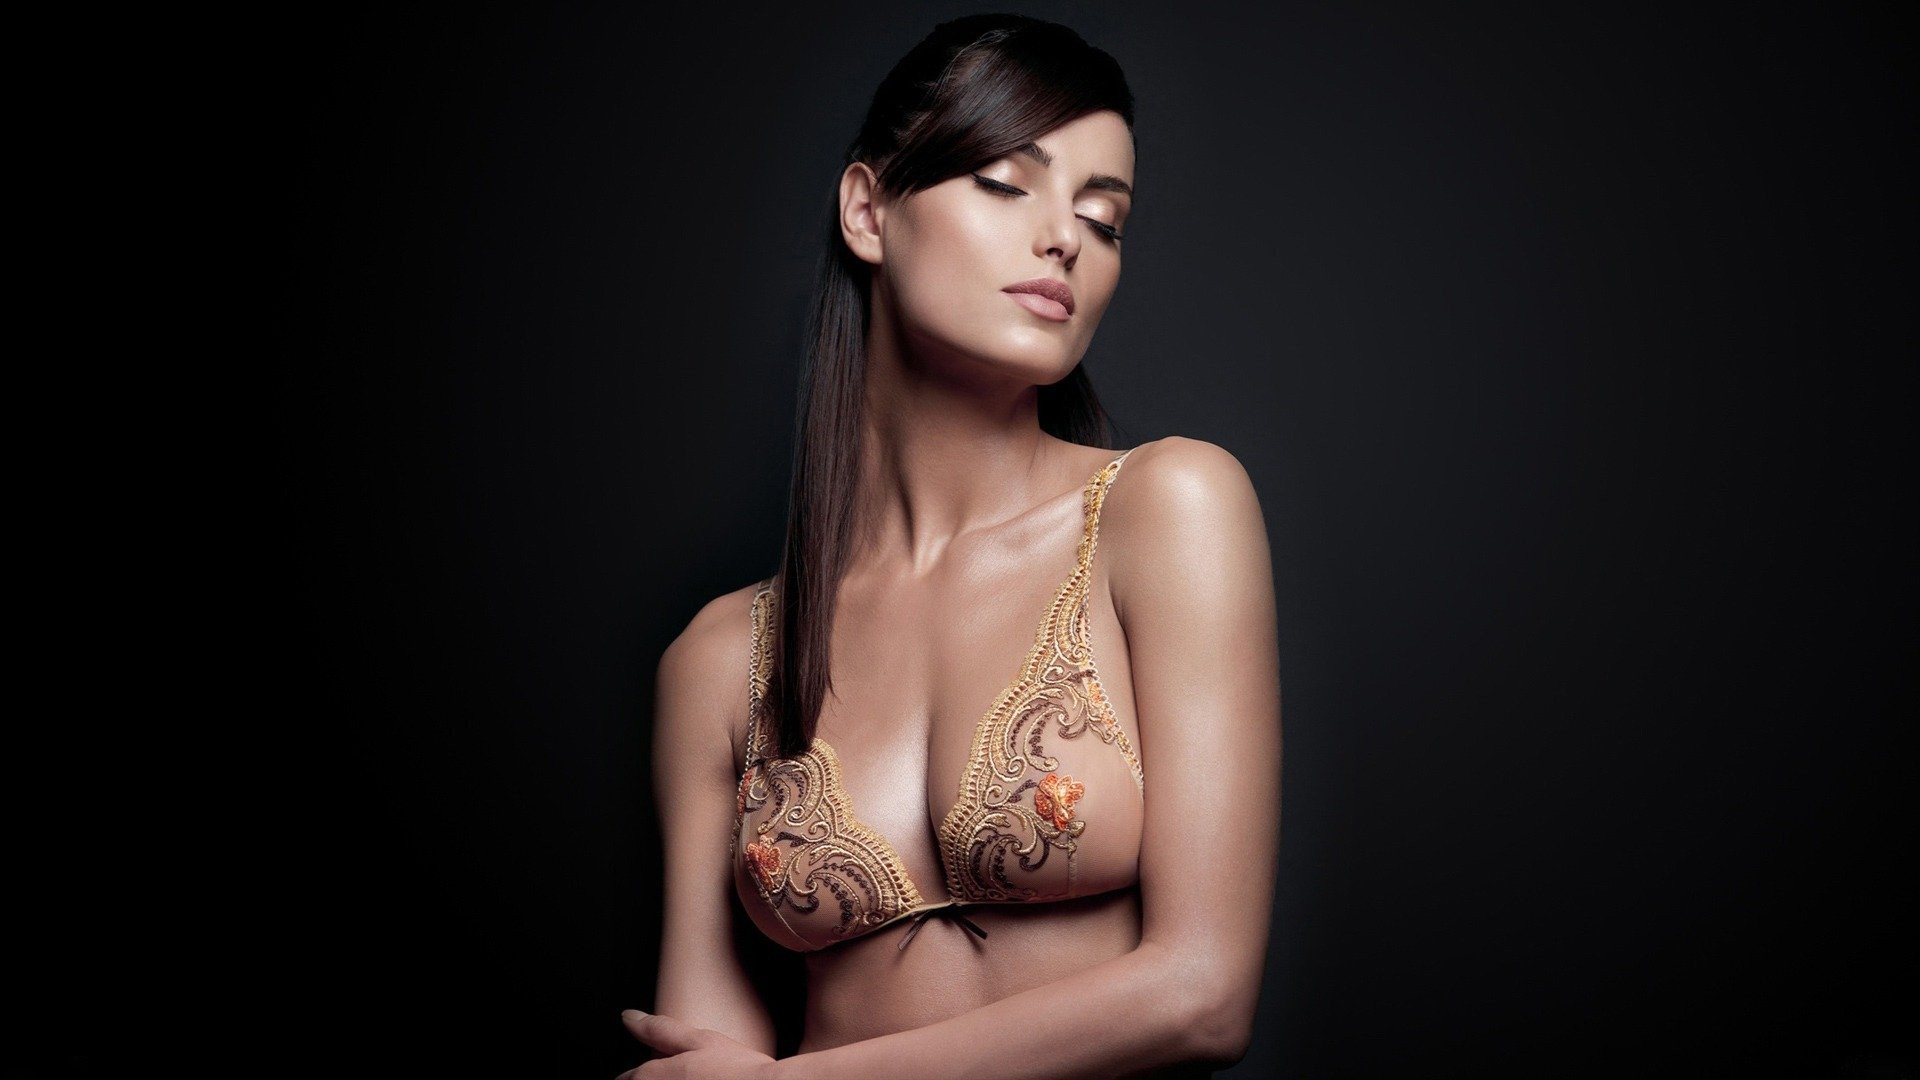 том грудь с шикарными украшениями фото только добавить